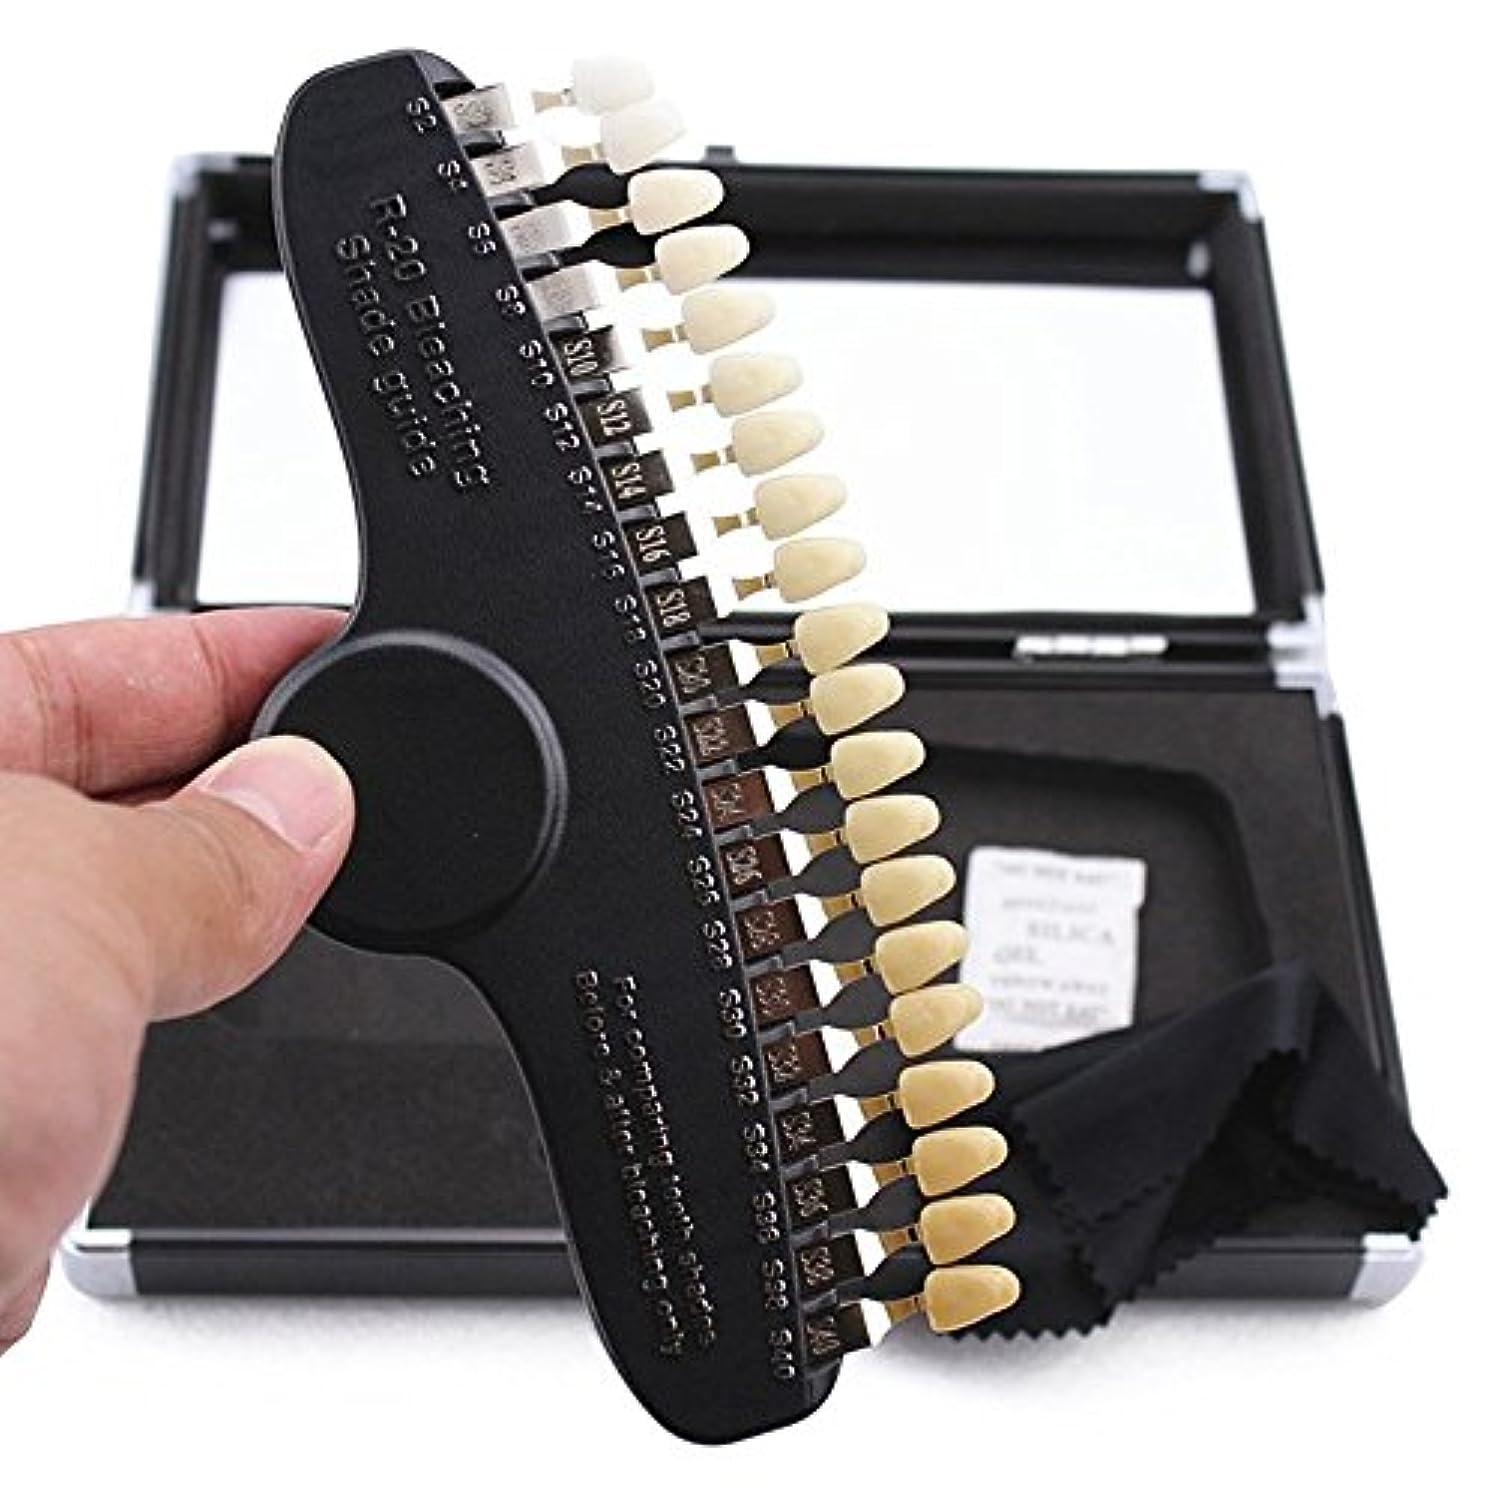 つかまえる支店アーティストPochiDen 歯科ホワイトニング用シェードガイド 20色 3D 歯列模型ボード